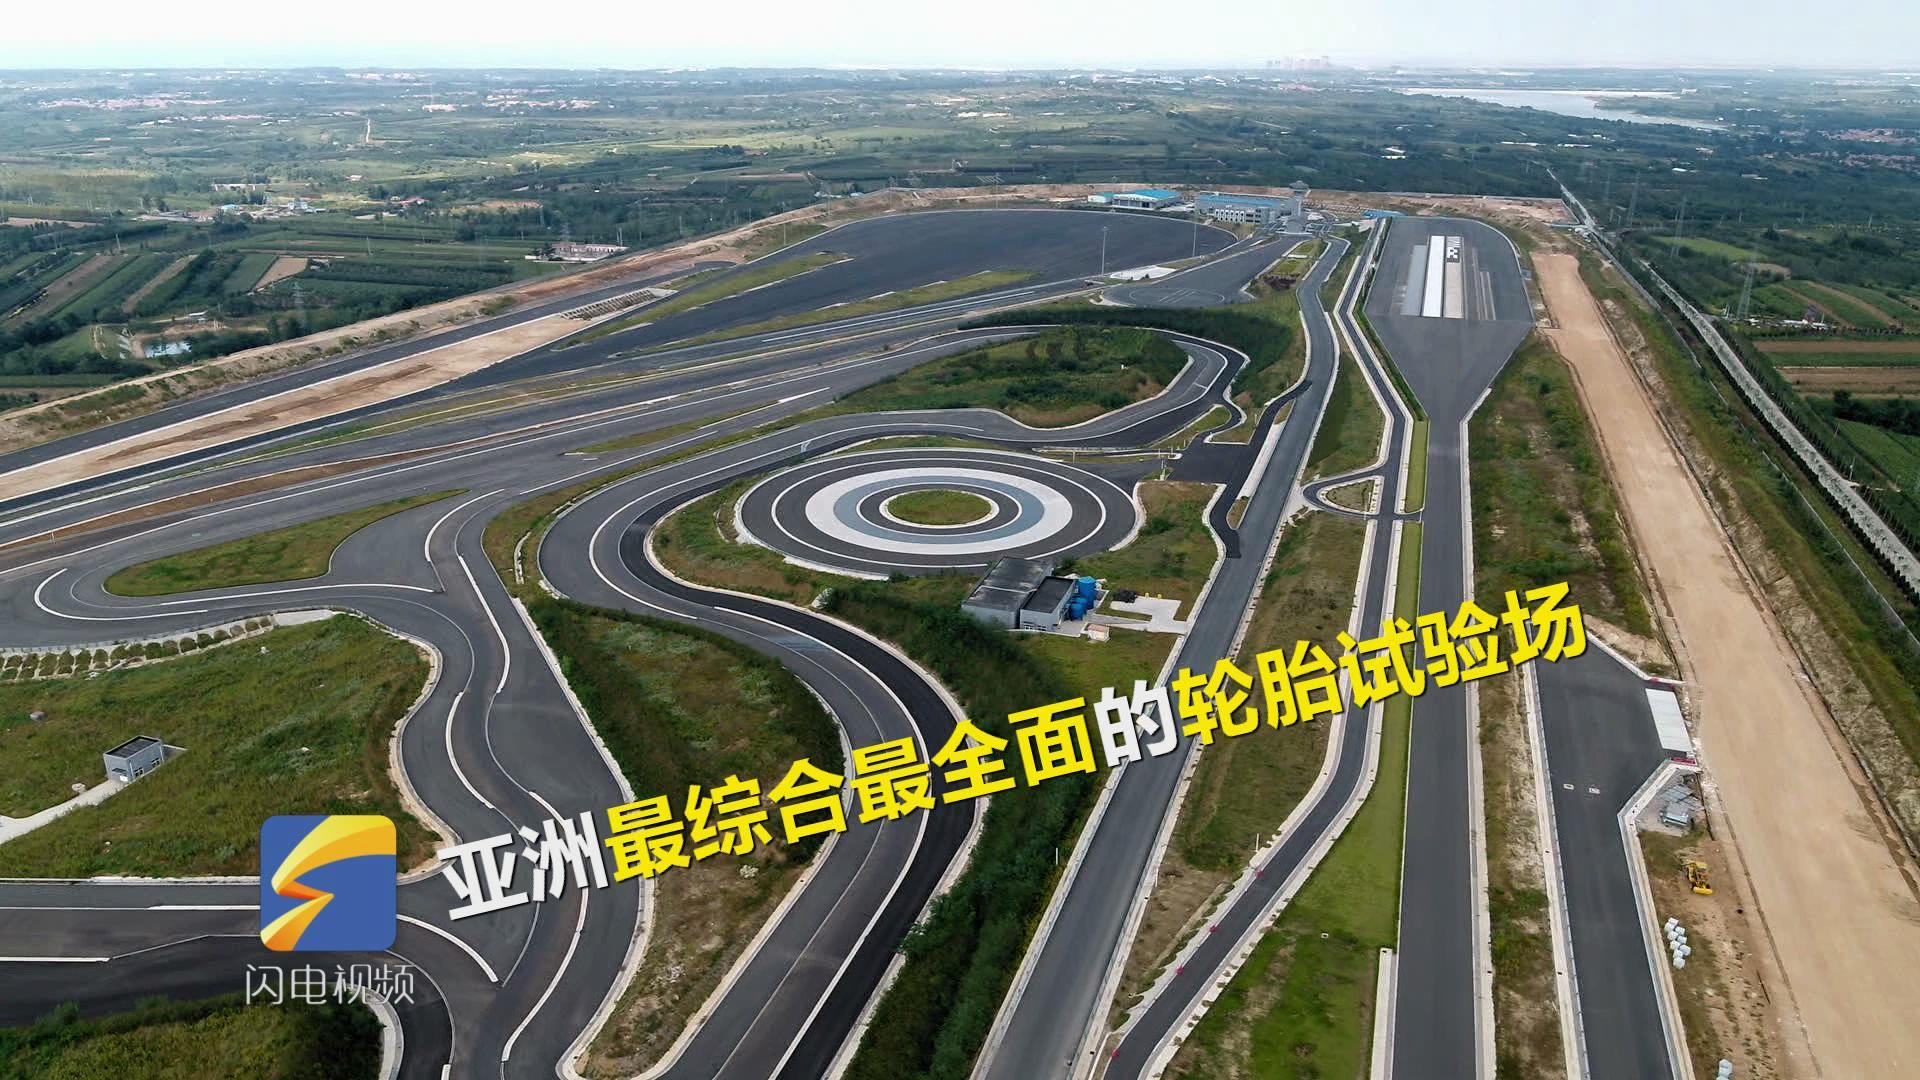 68秒 堪比F1赛道的轮胎试验场 助力中国轮胎行业转型升级_20190215103340.JPG